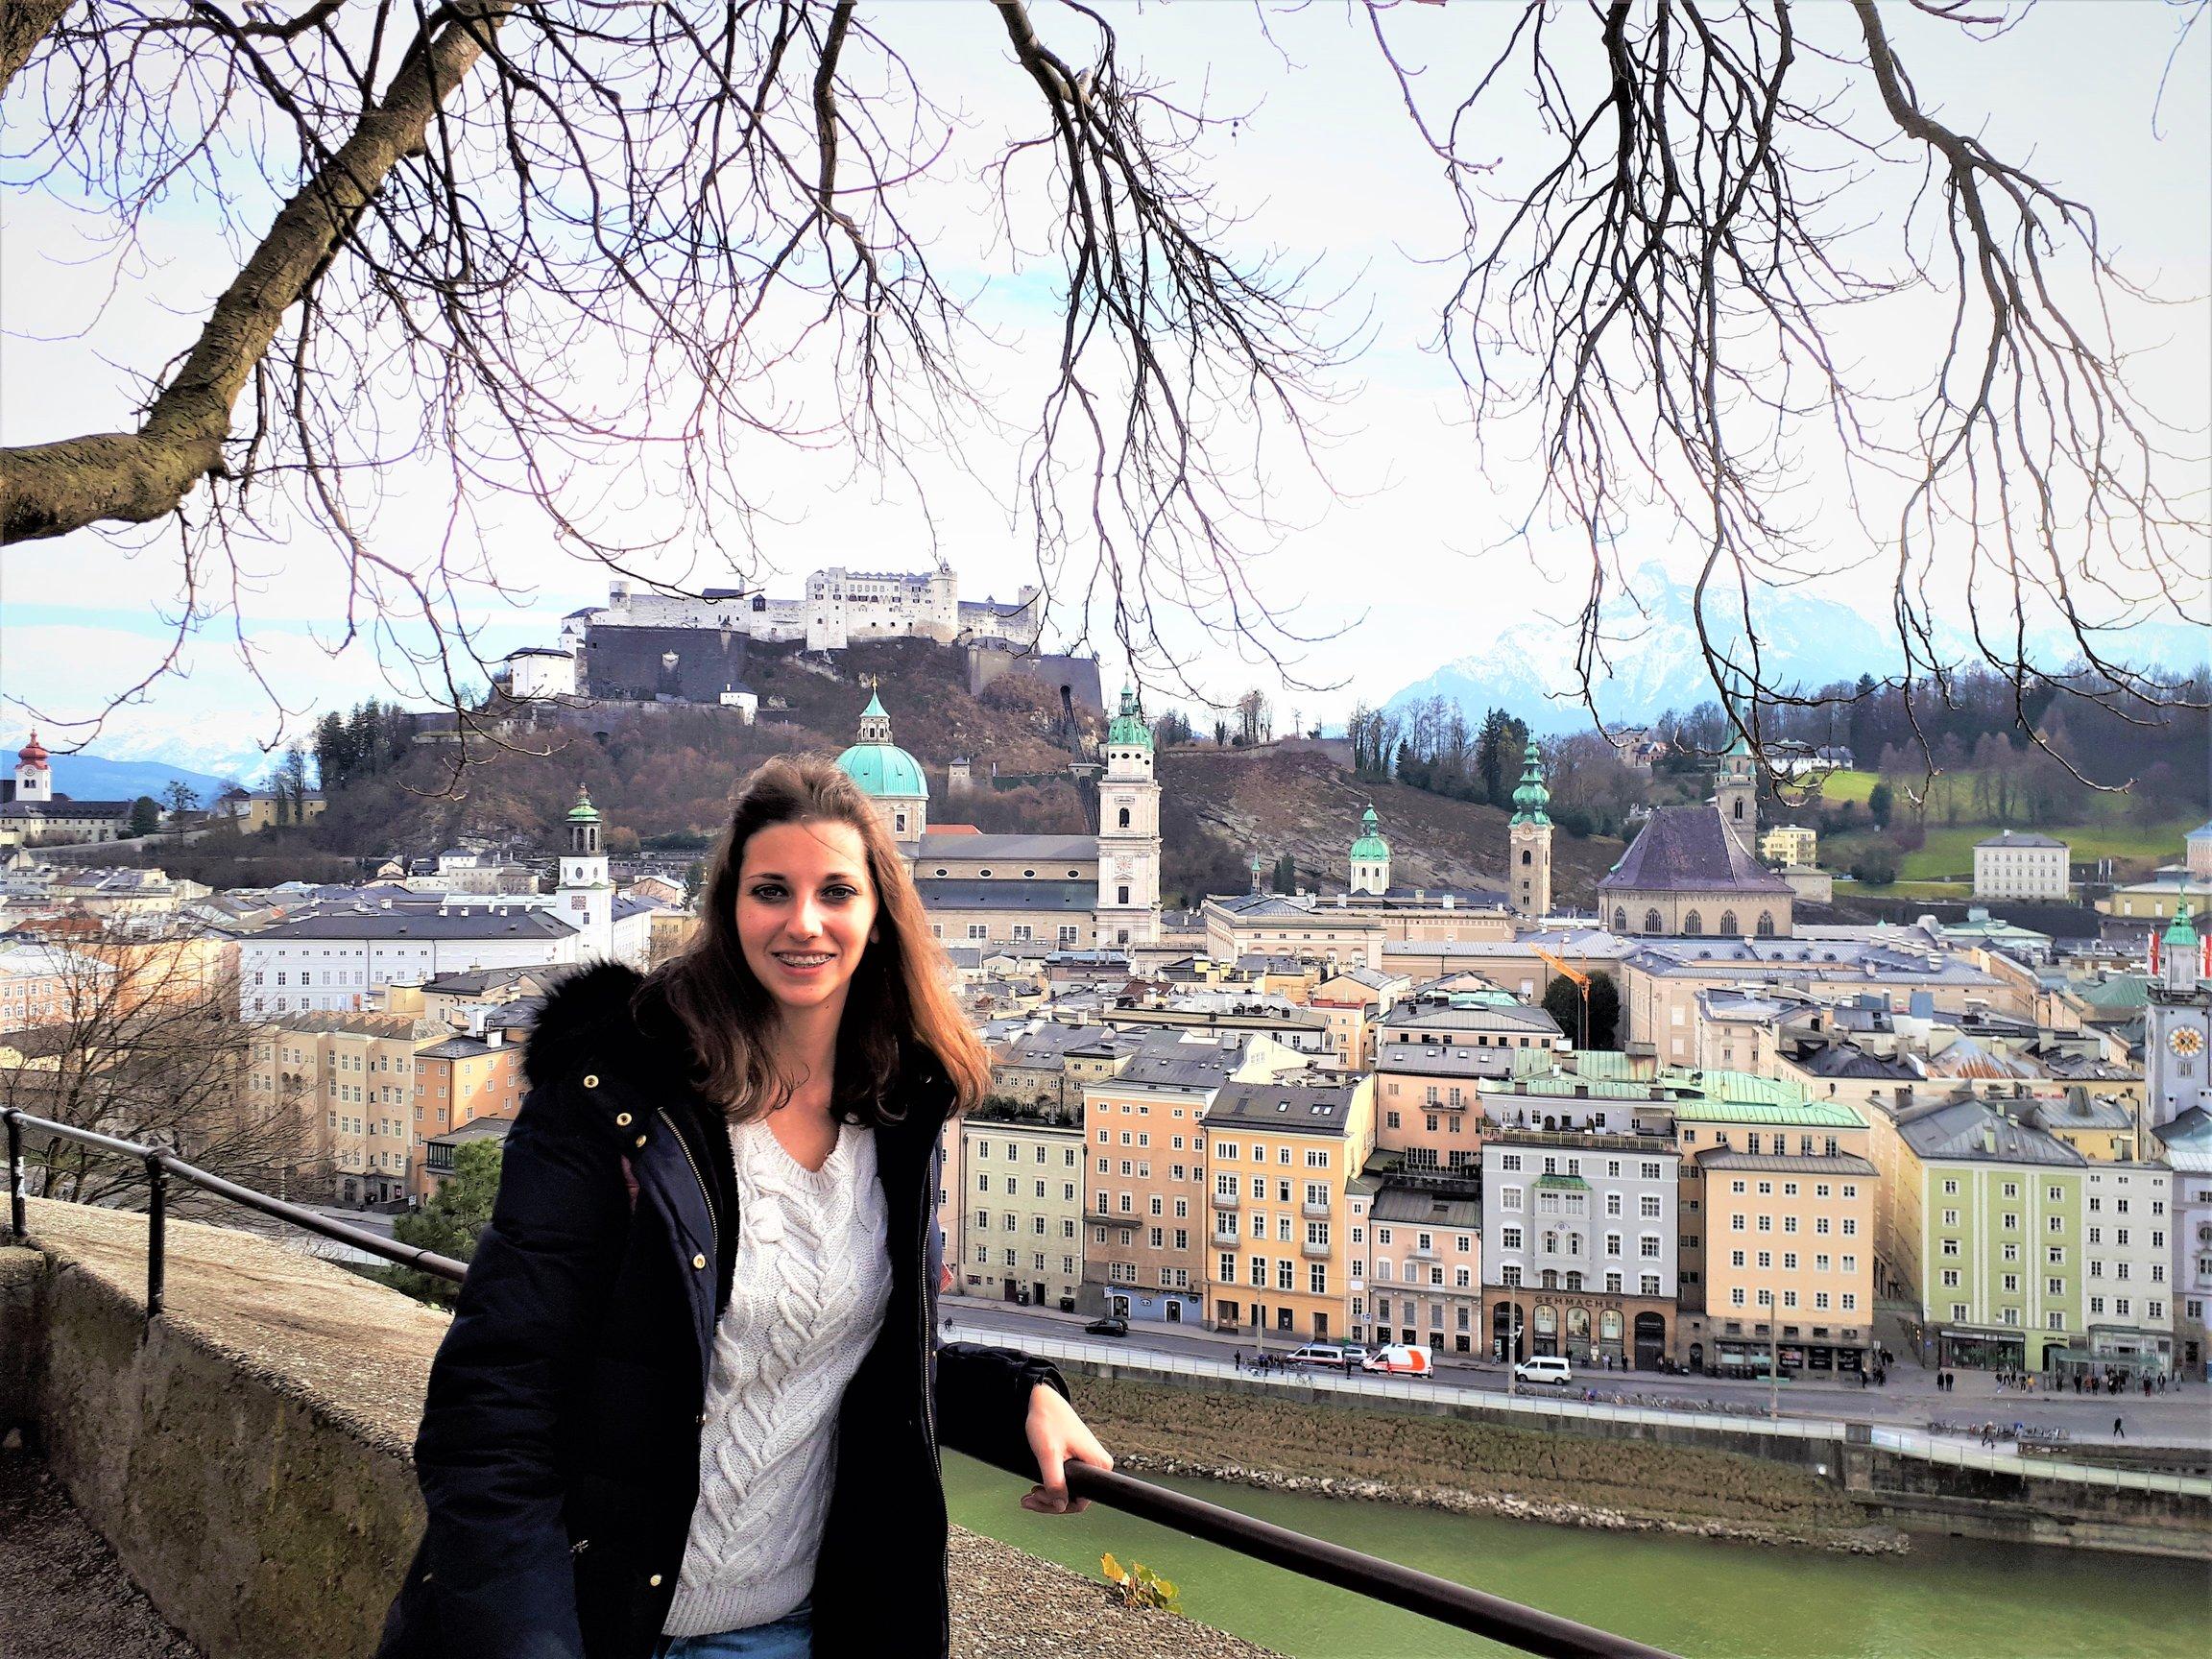 Austria being royal: Salzburg and around